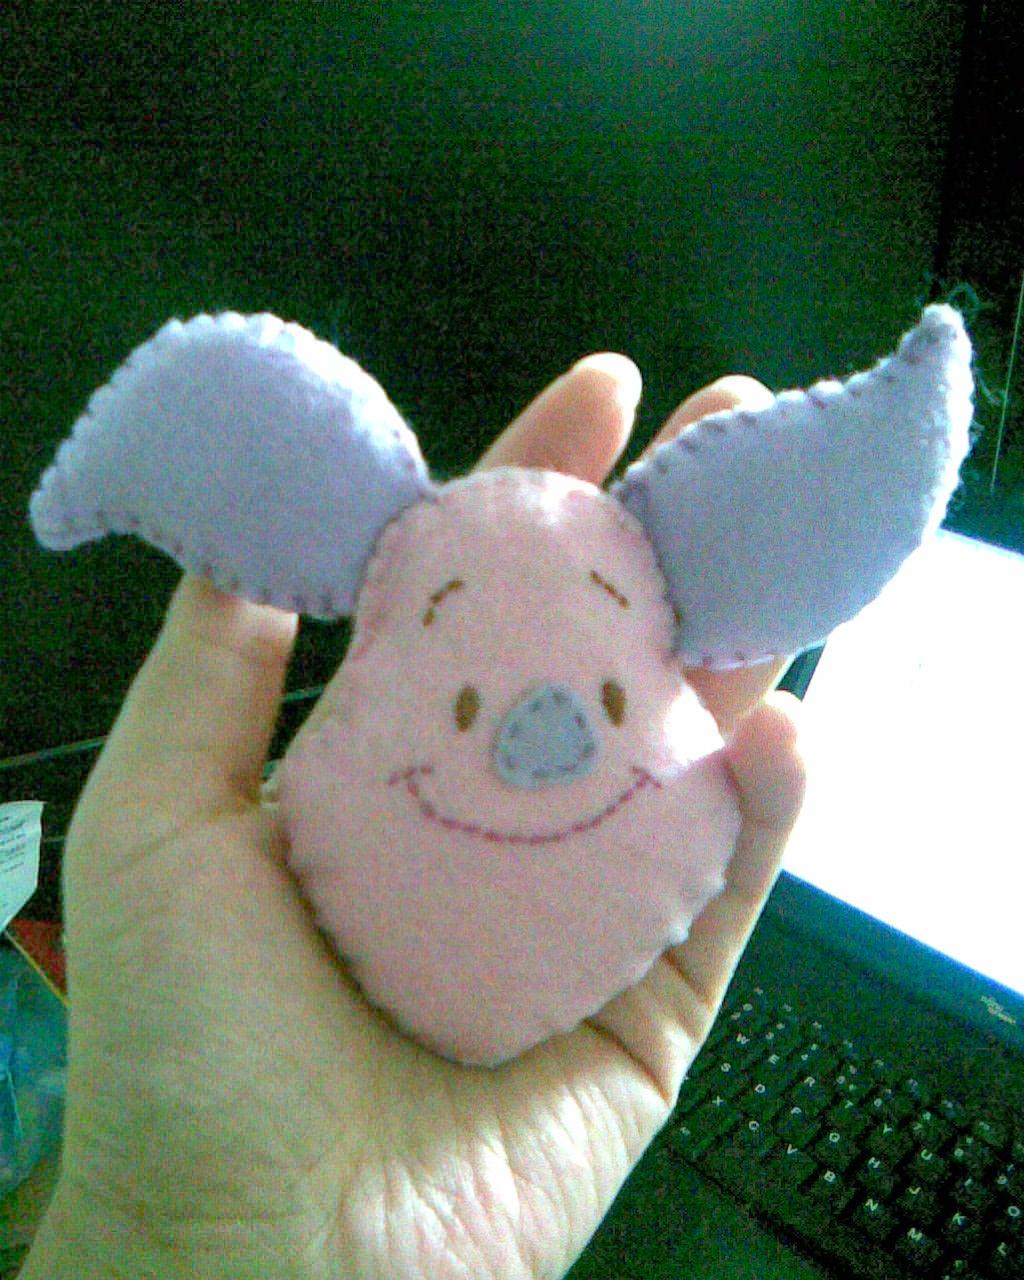 不织布手工制作的,挑来挑去选了一只可爱的小猪